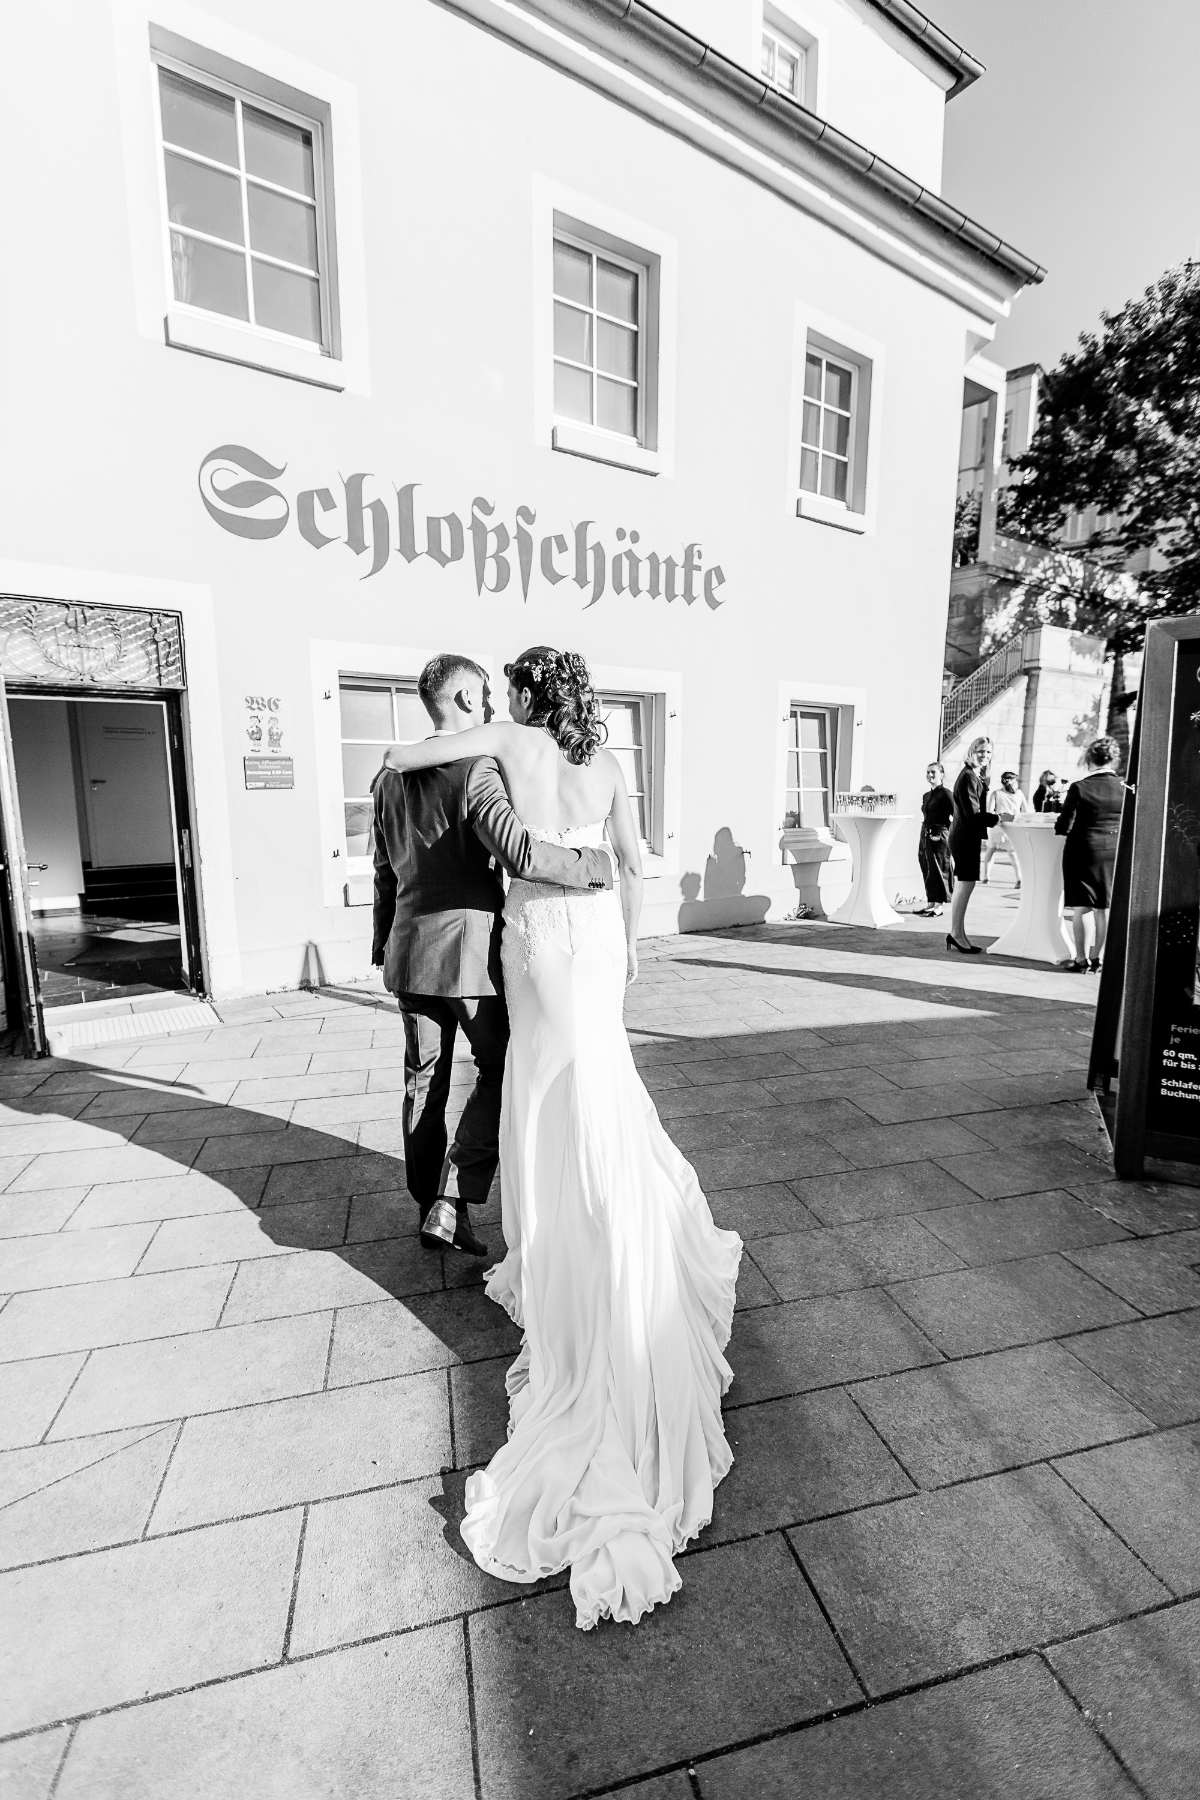 bengierig-fotografie_Hochzeit-00669_L (max. 3000px) _2282883